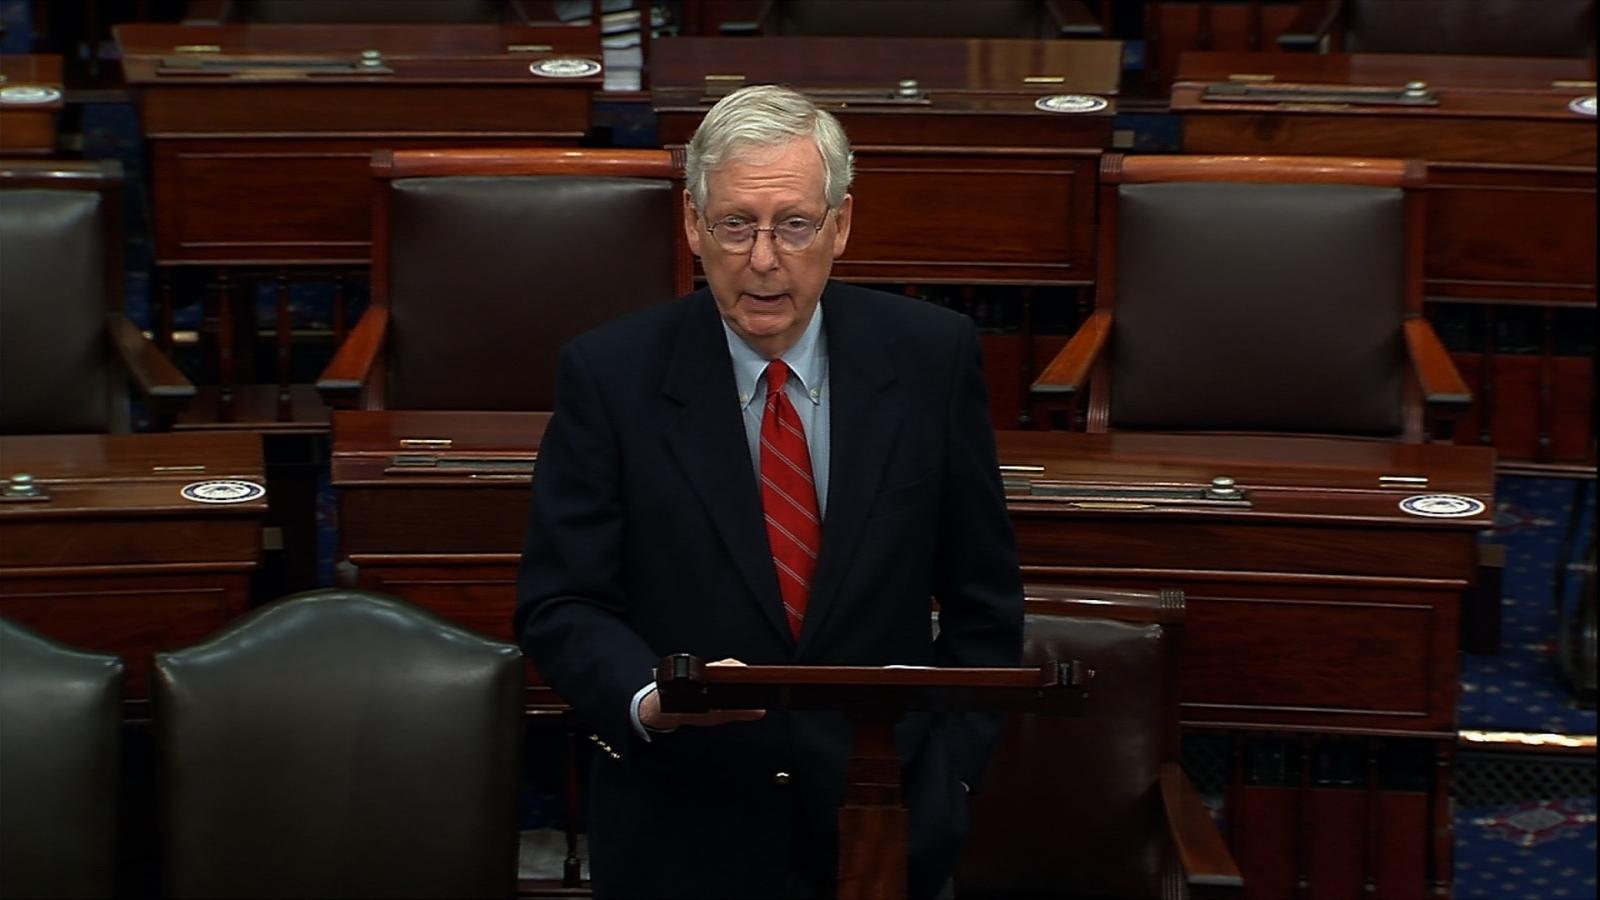 Lãnh đạo Thượng viện ủng hộ ông Trump thực hiện cuộc chiến pháp lý về bầu cử